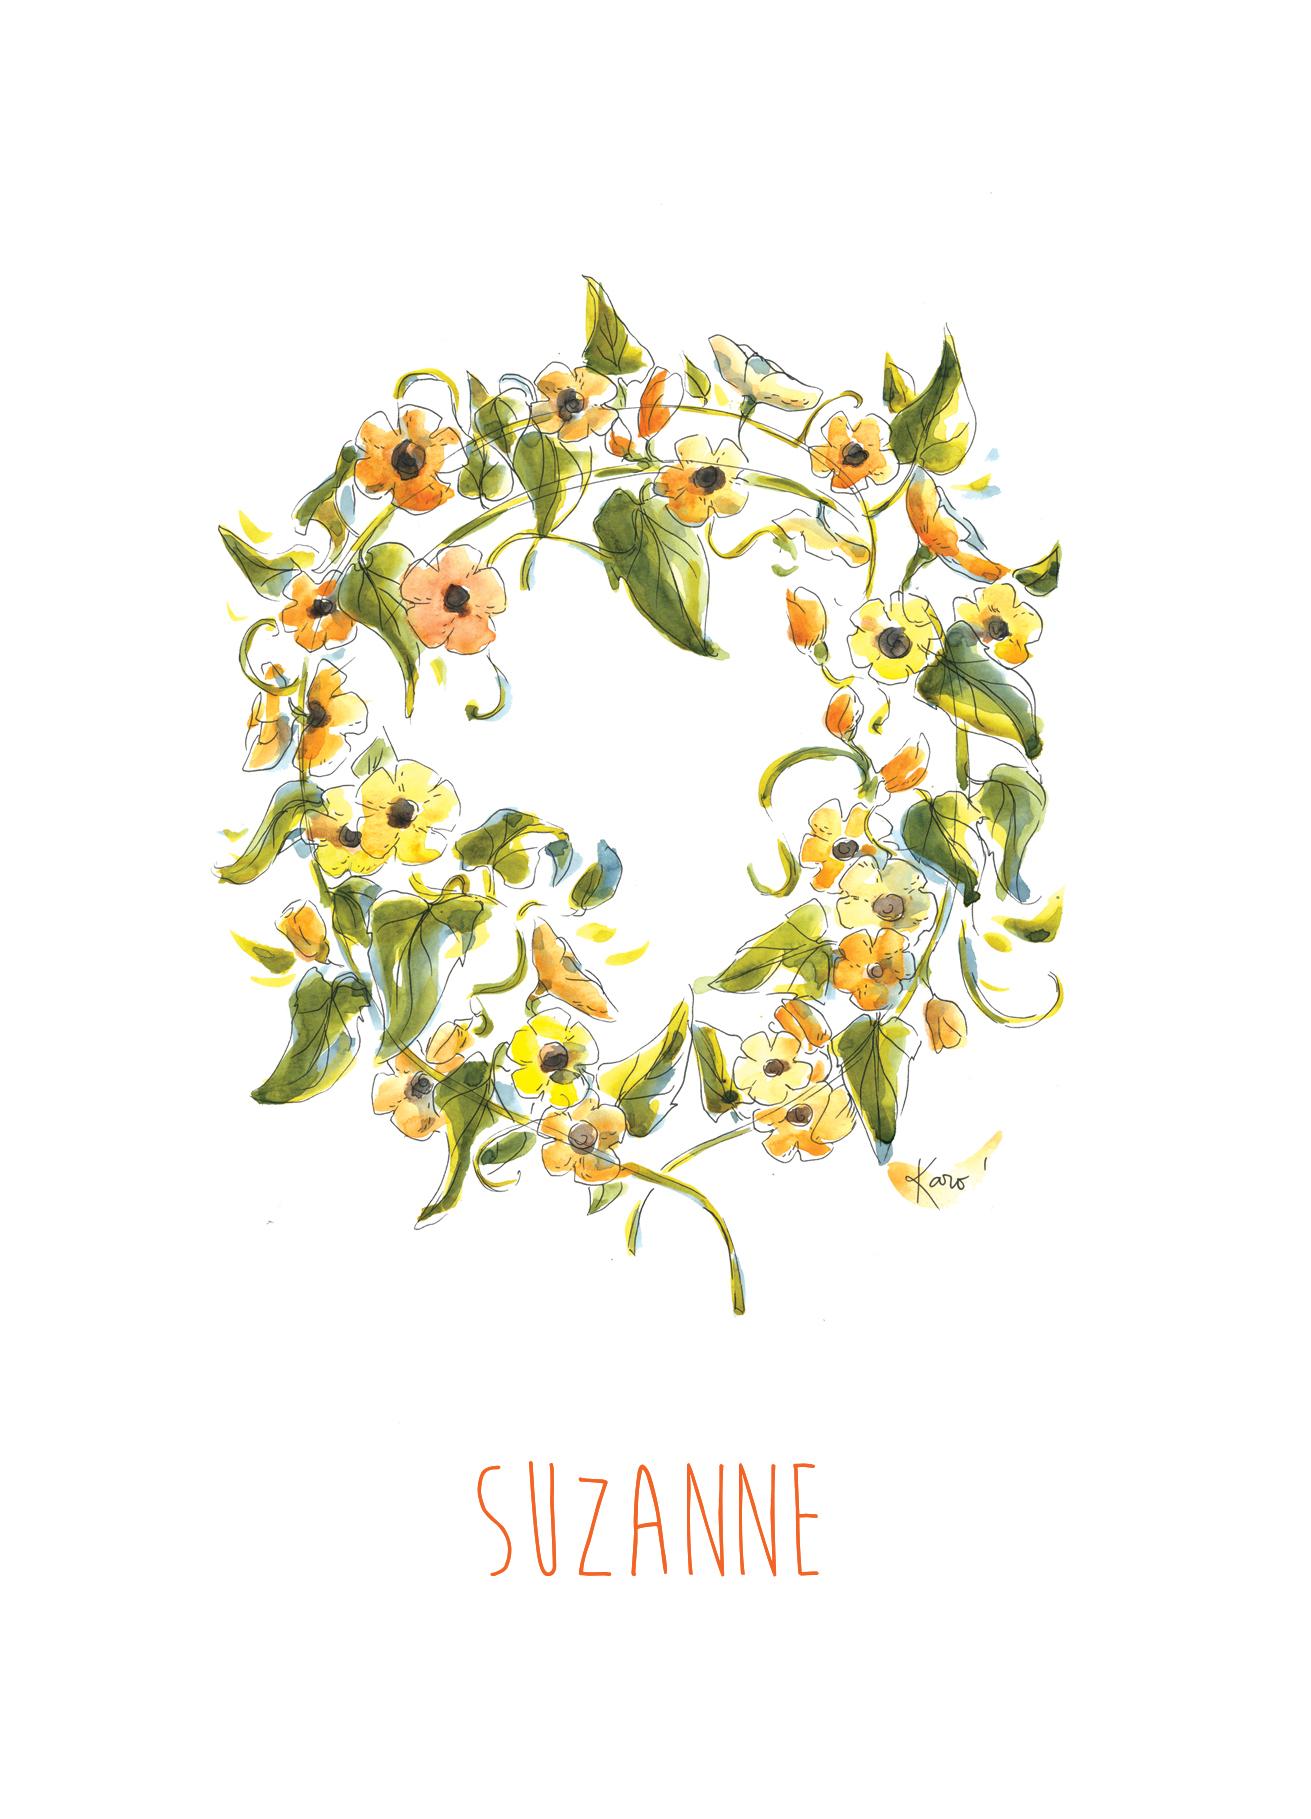 FairePart_naissance_Suzanne_KaroPauwels_illustration